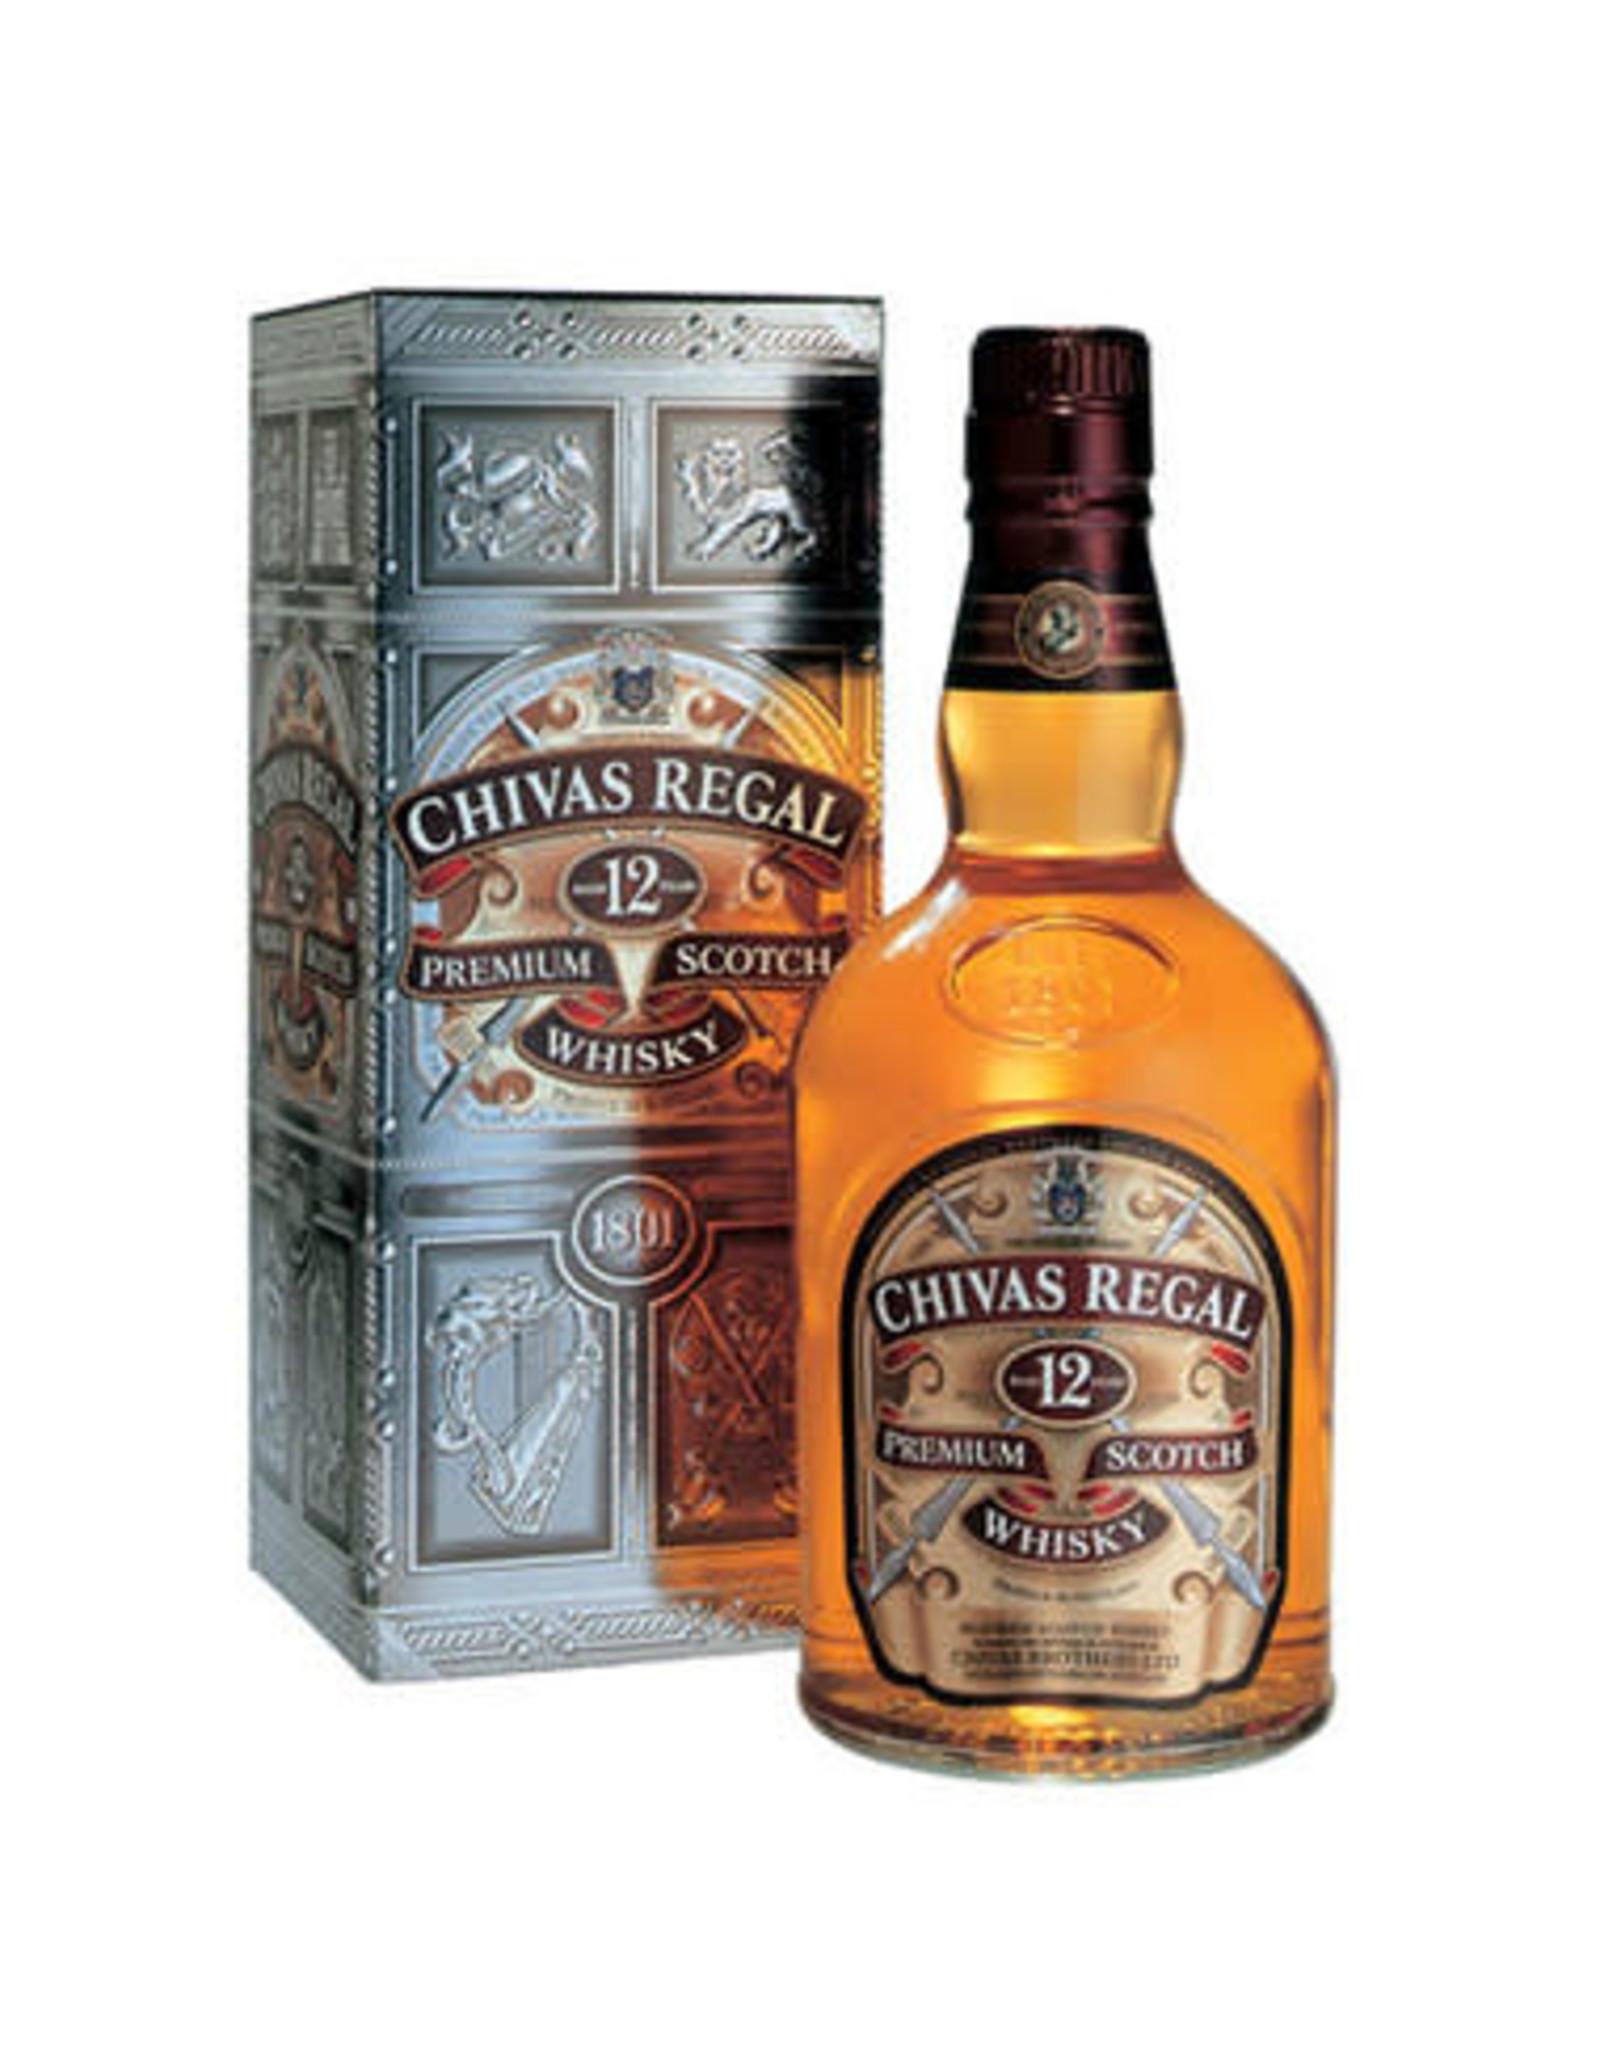 CHIVAS REGAL 12 YR SCOTCH 750ML